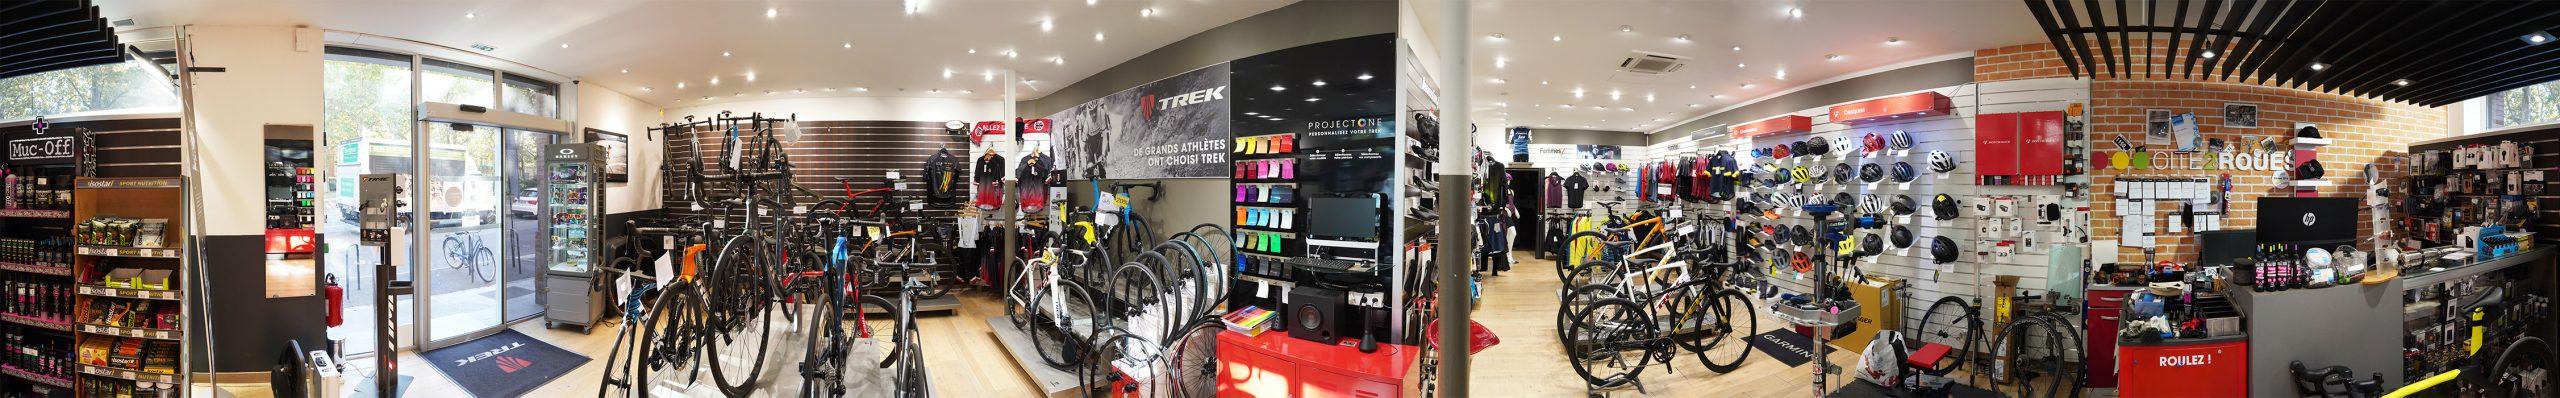 Cité2Roues Trek Concept Store à Toulouse